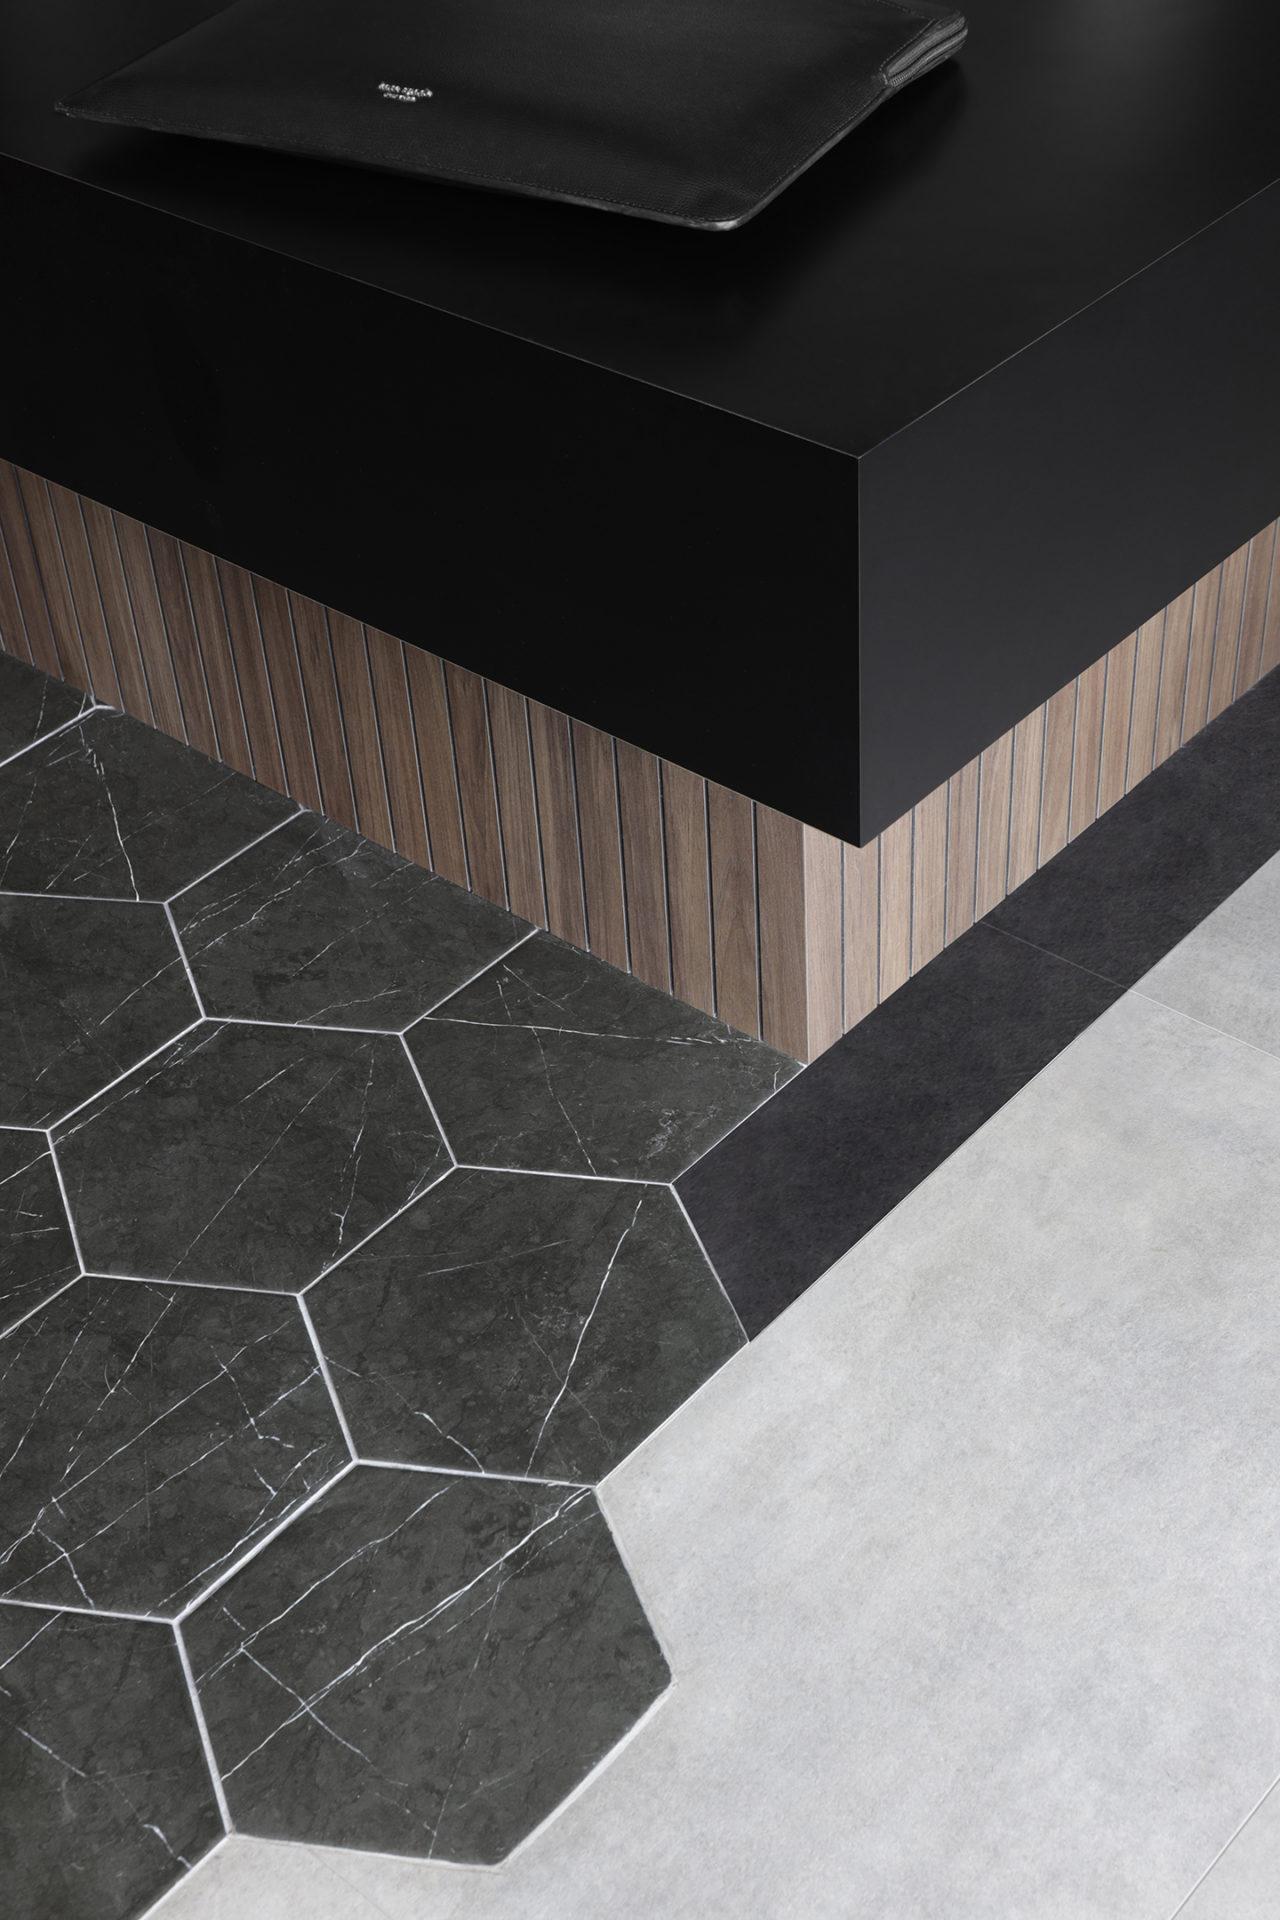 ascend design Canberra Road tiling